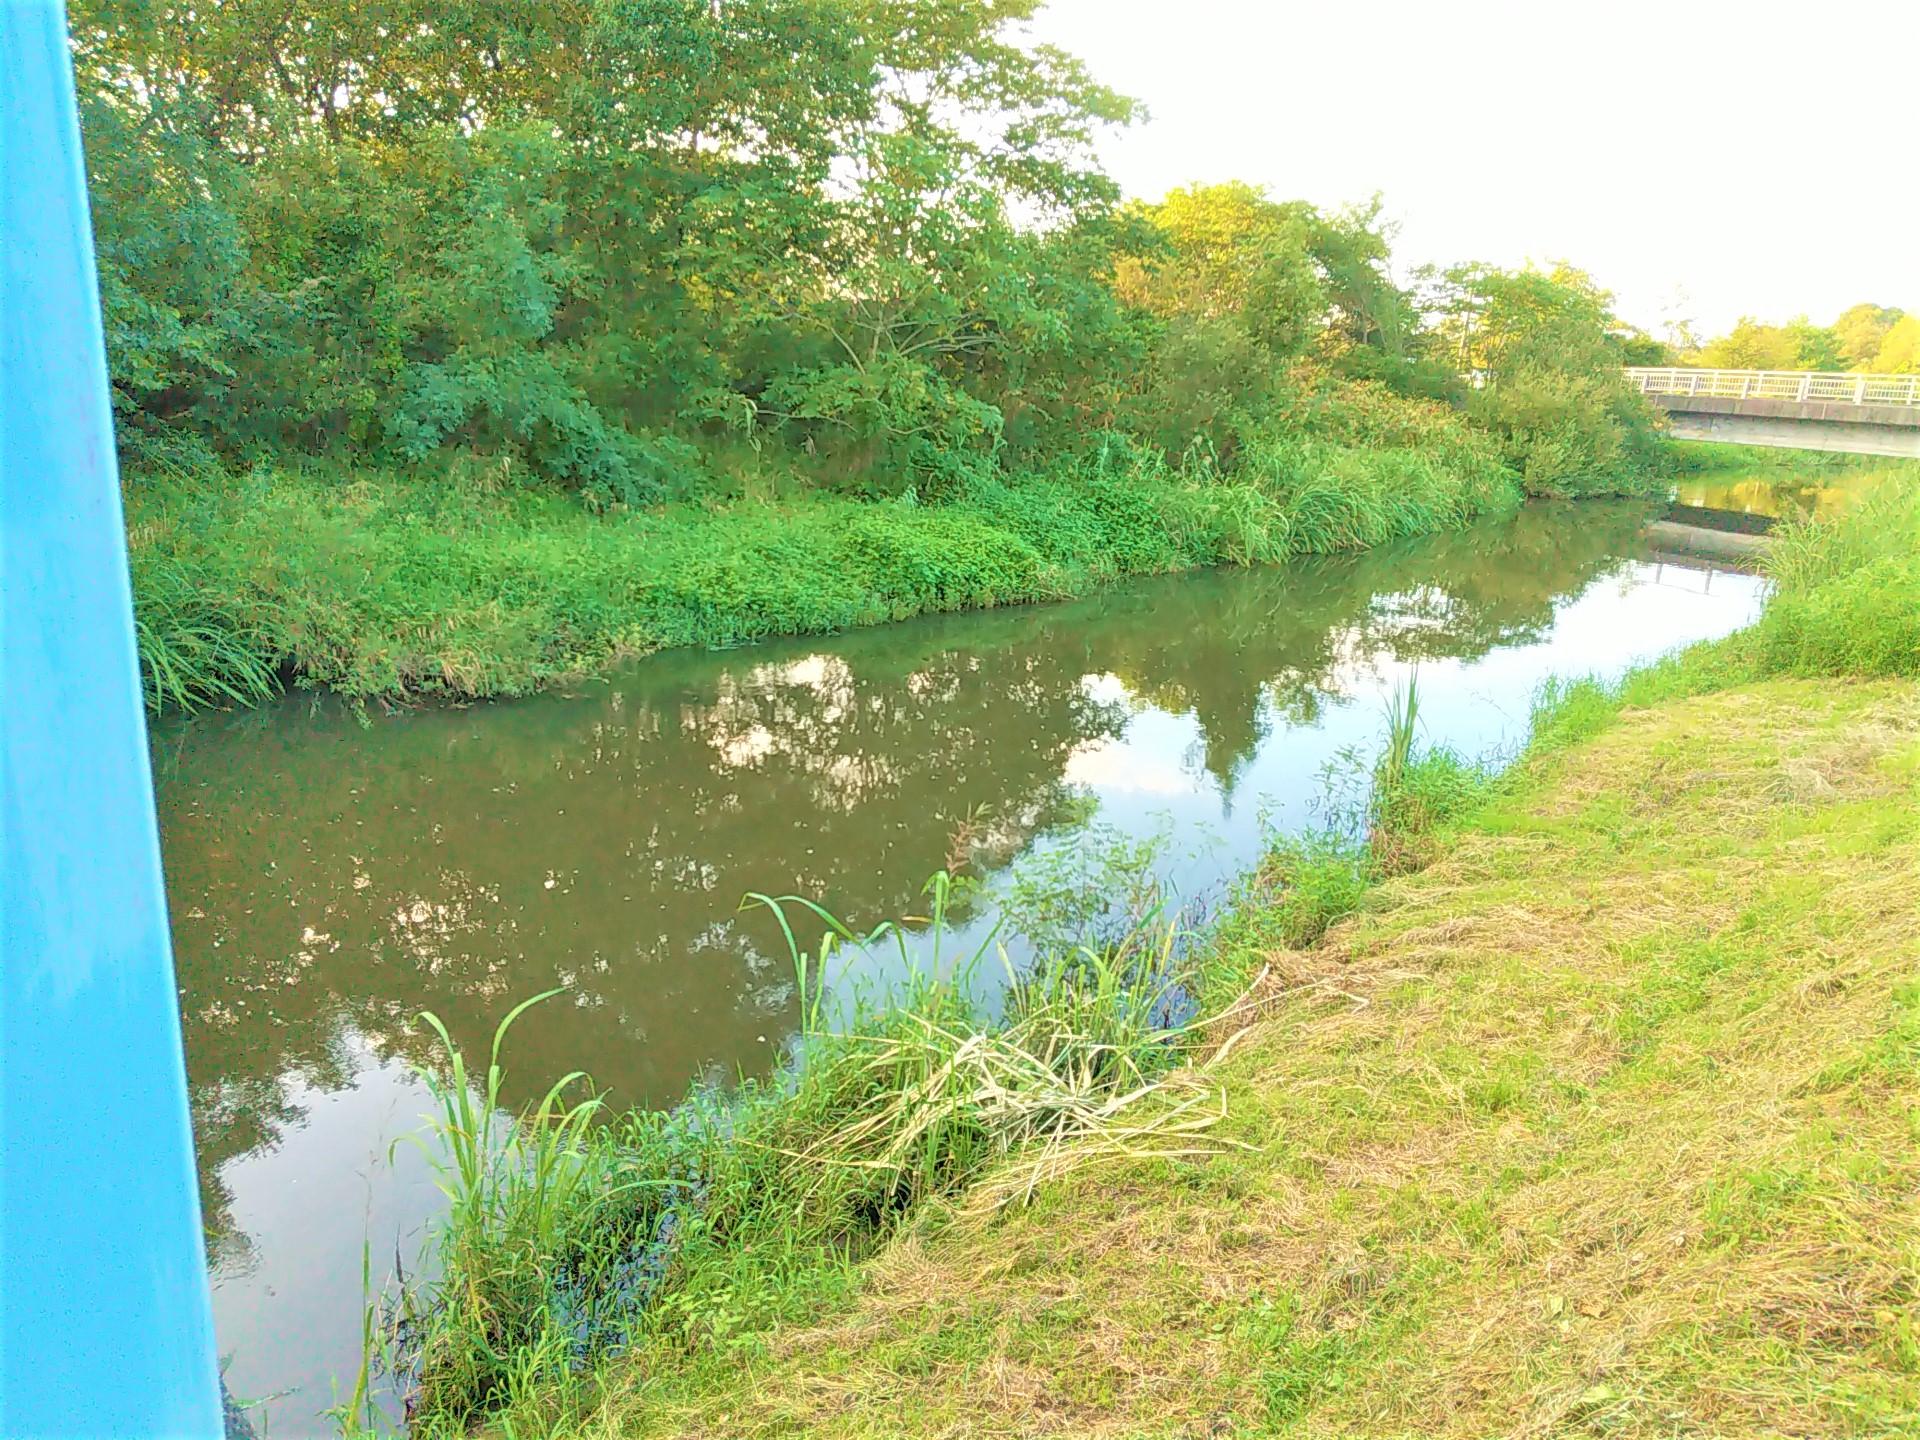 青森県三沢市ブラックバスが釣れる場所ランキングベスト5は?